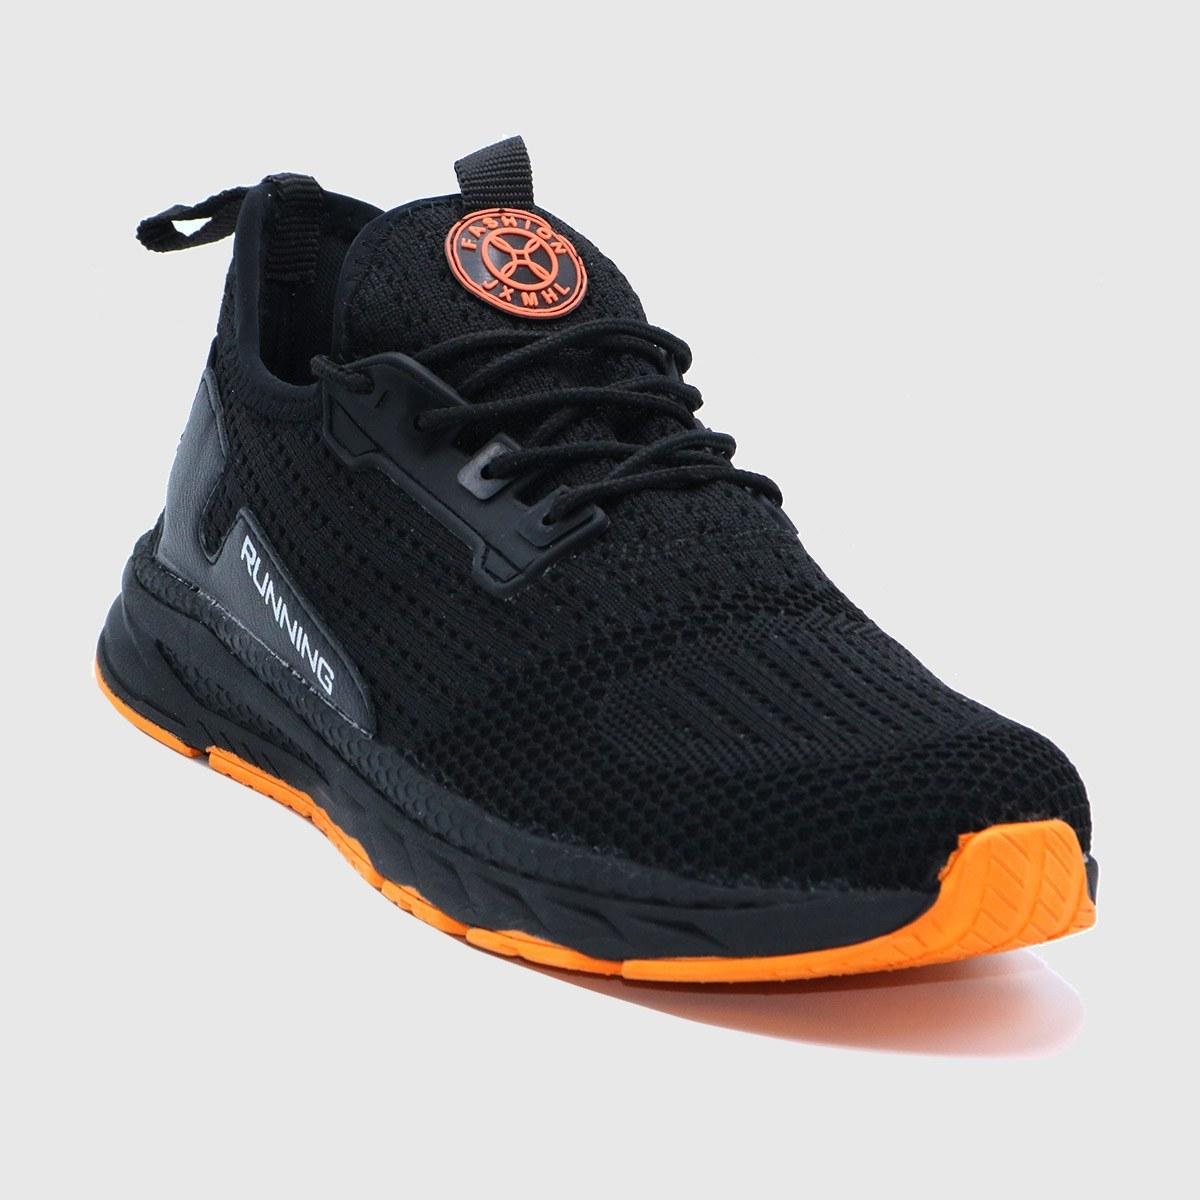 تصویر کفش اسپرت مردانه کد 1041